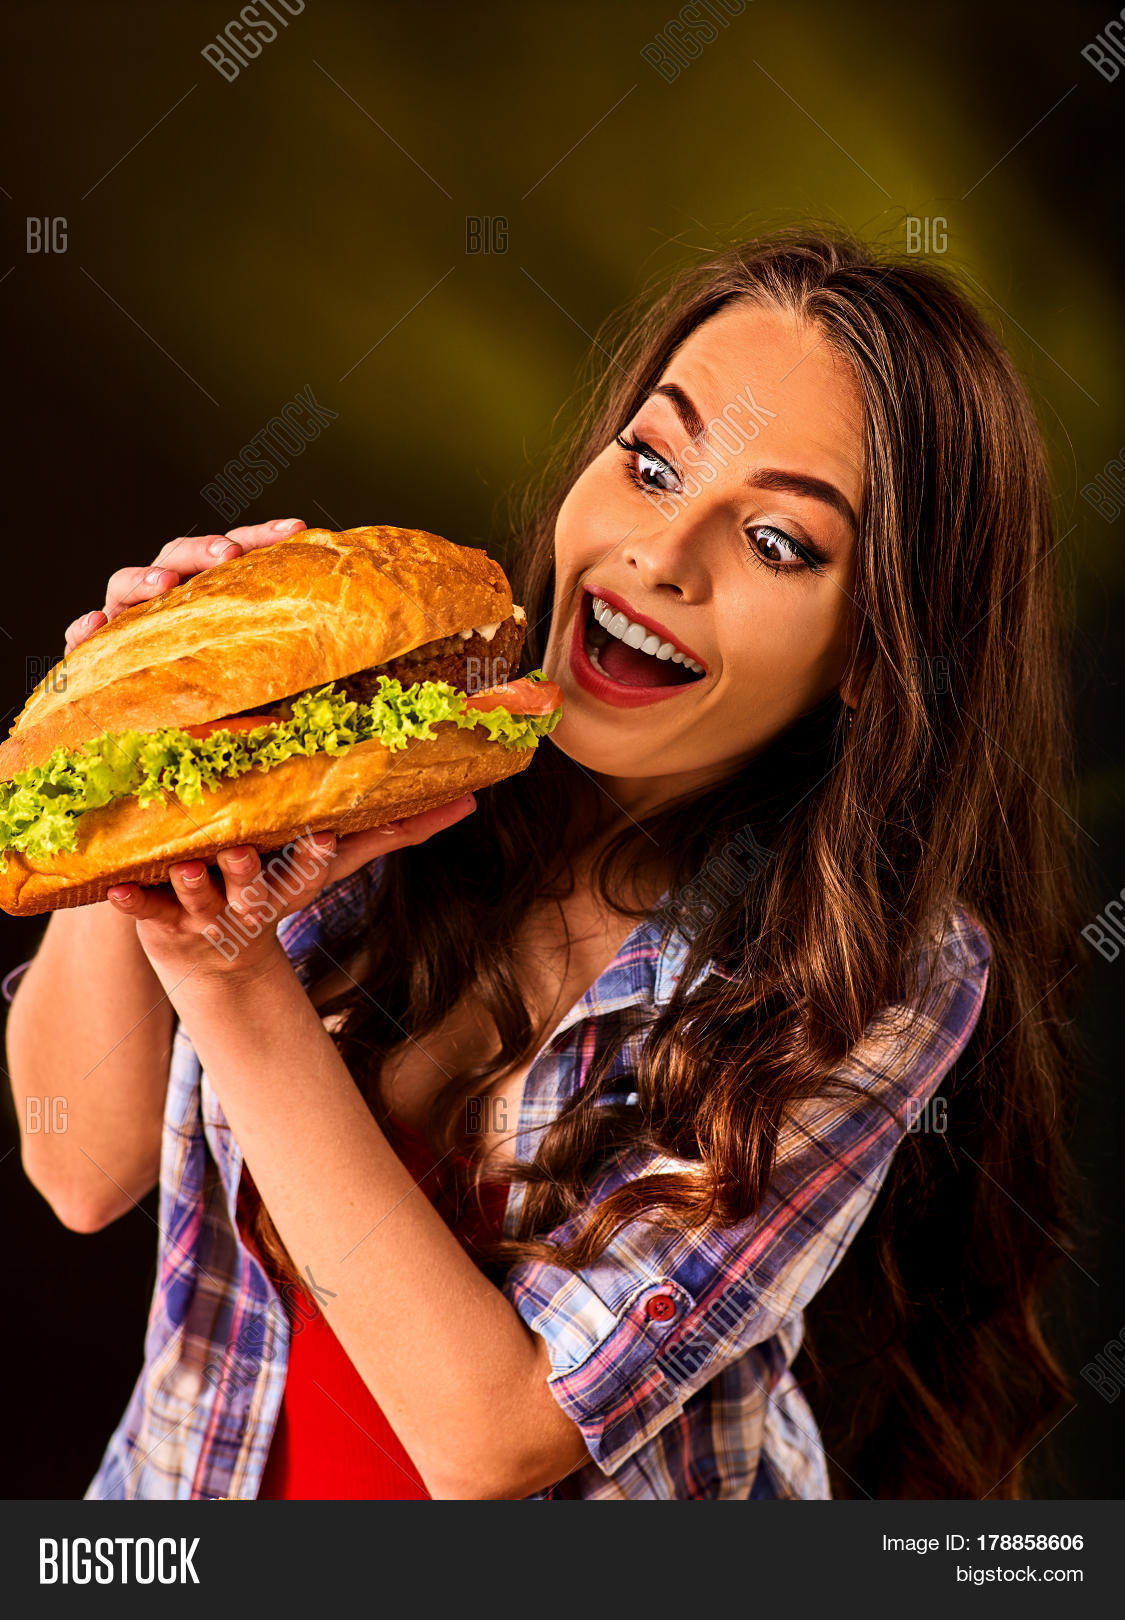 Фото девушек с бургером